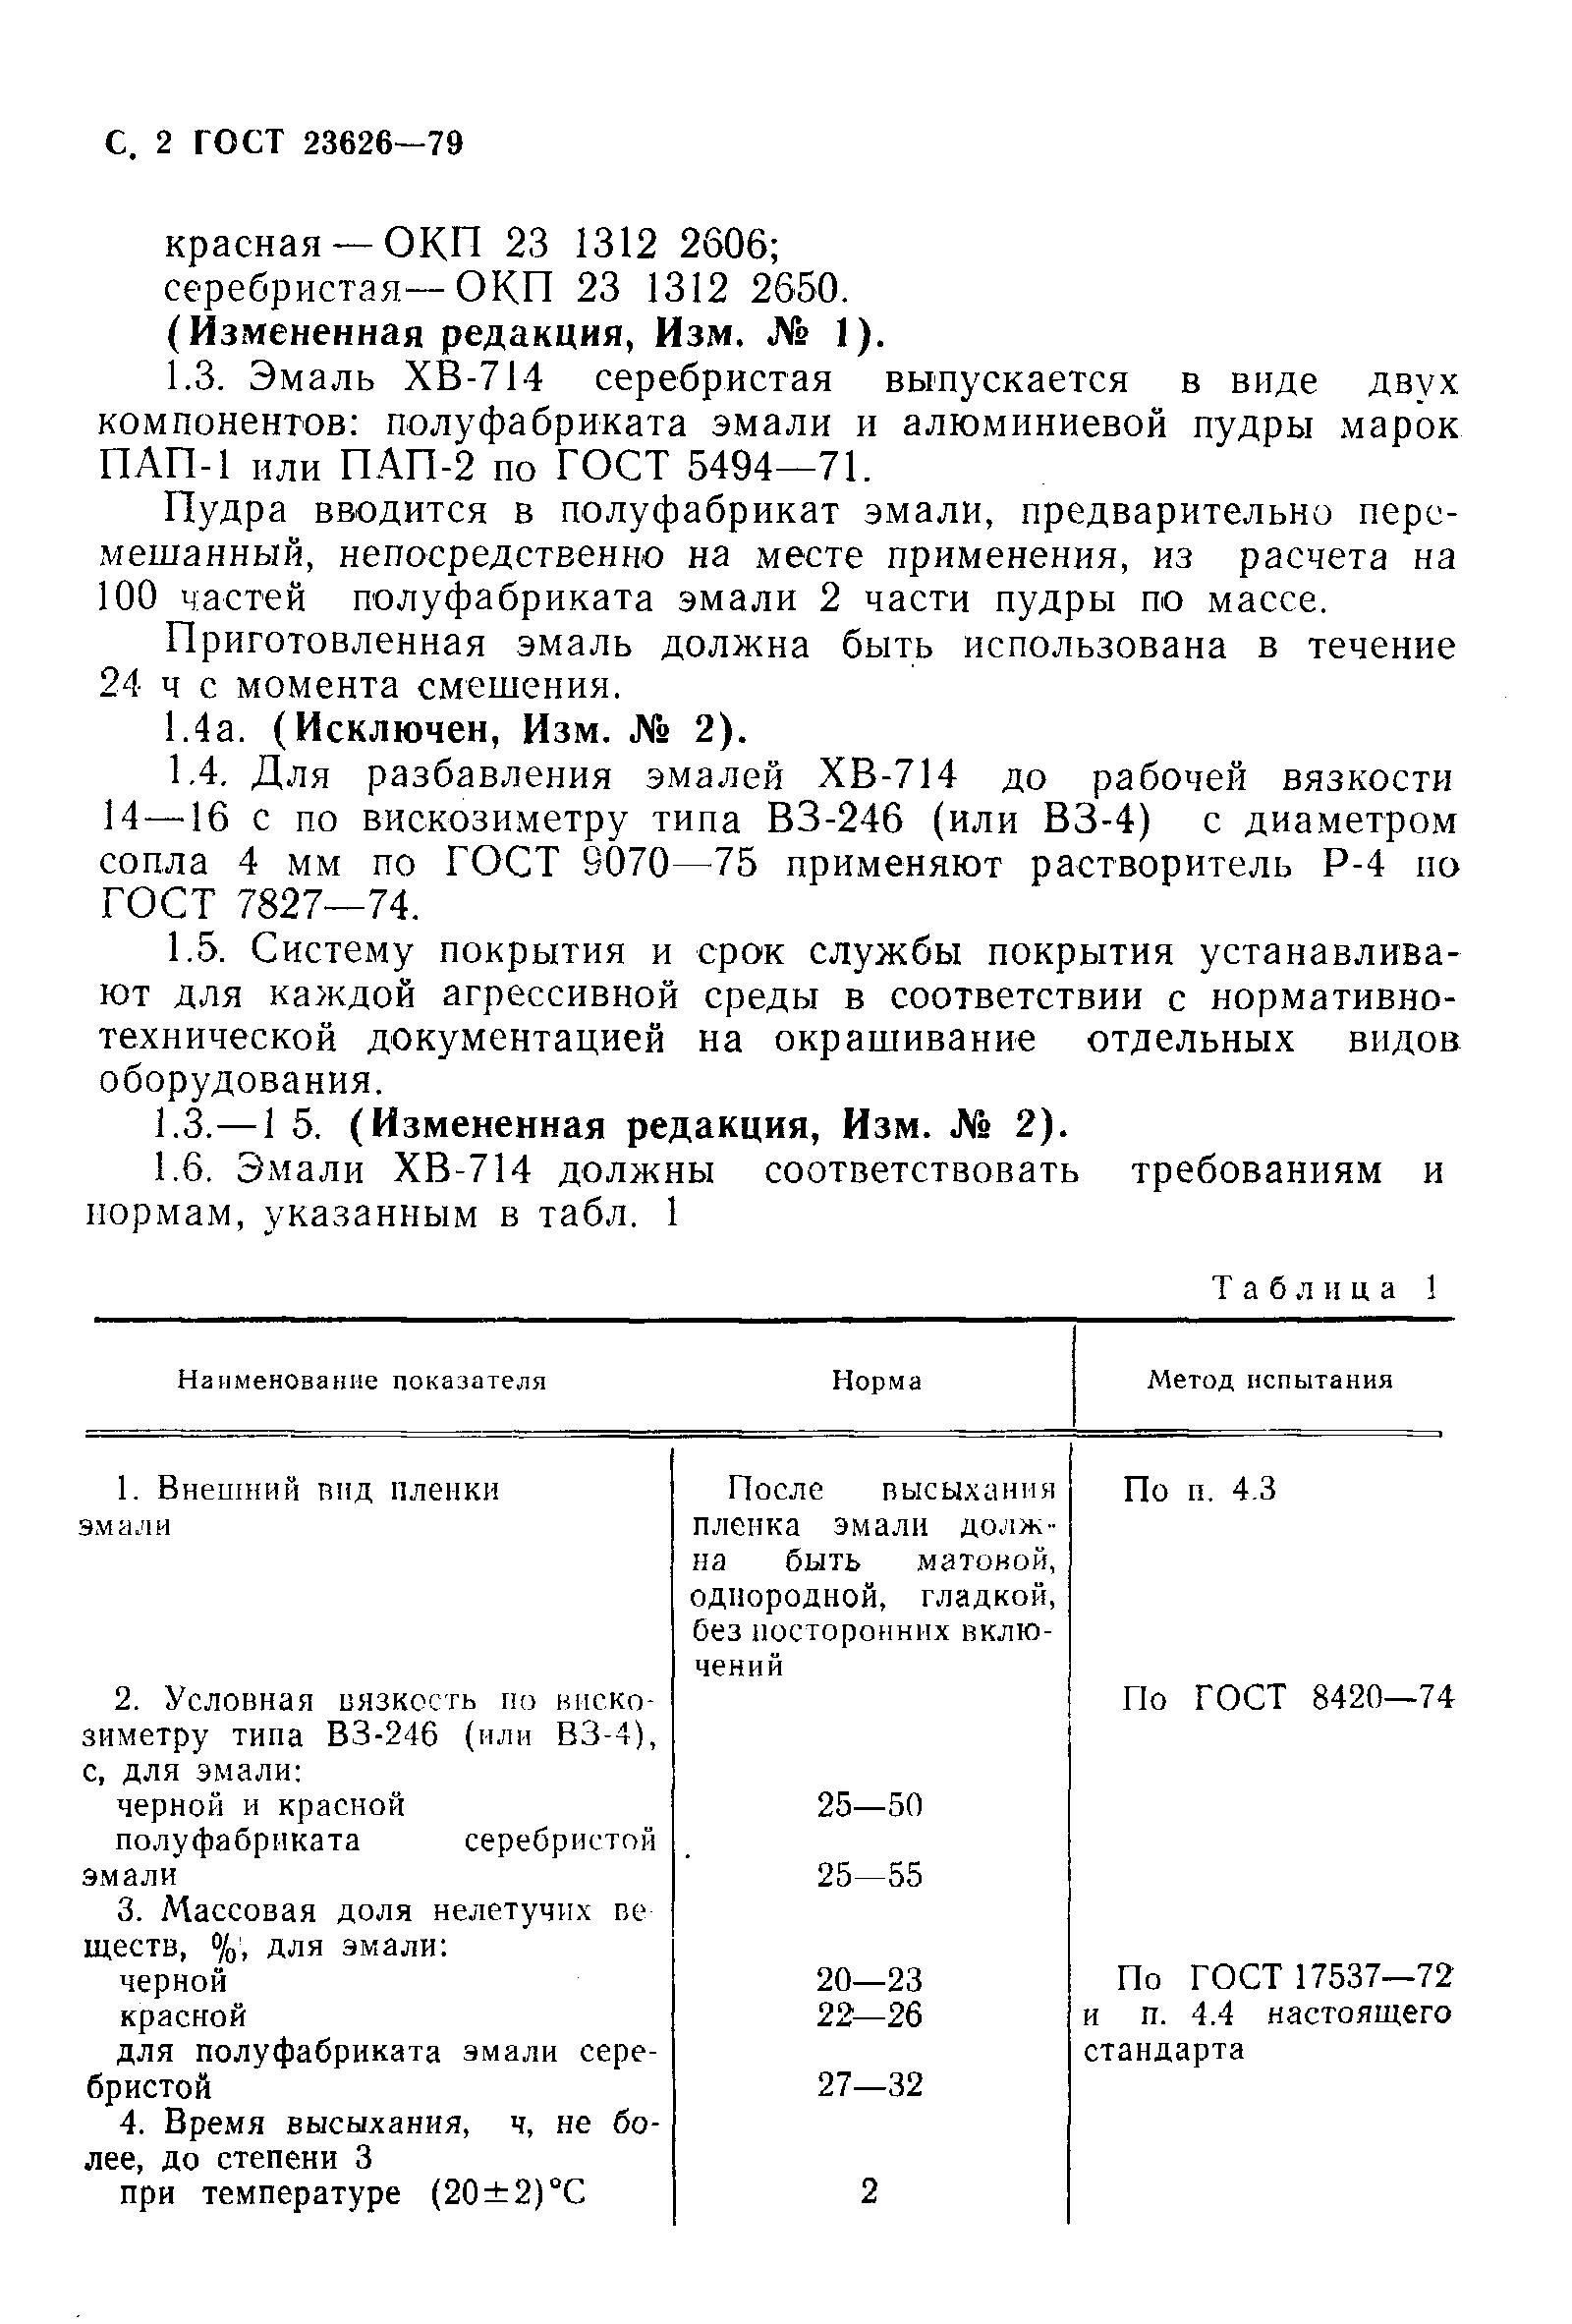 ГОСТ 23626-79. Страница 3